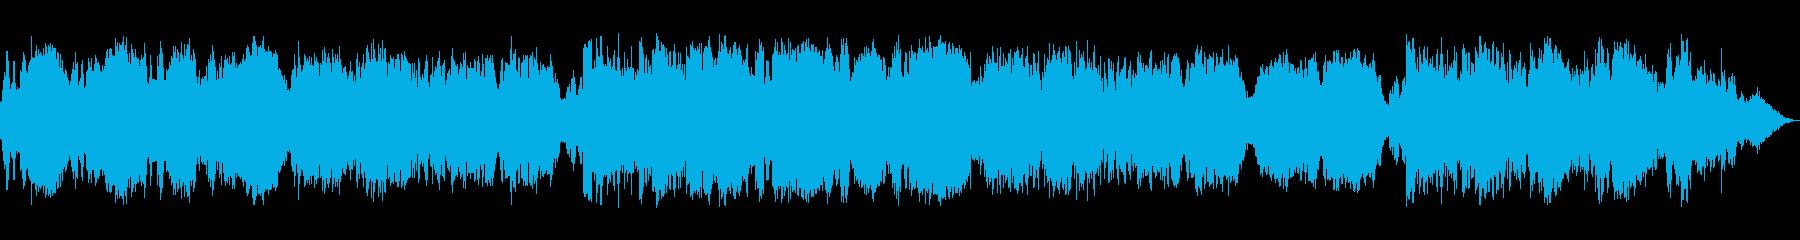 ストリングス中心のバラード曲です。の再生済みの波形